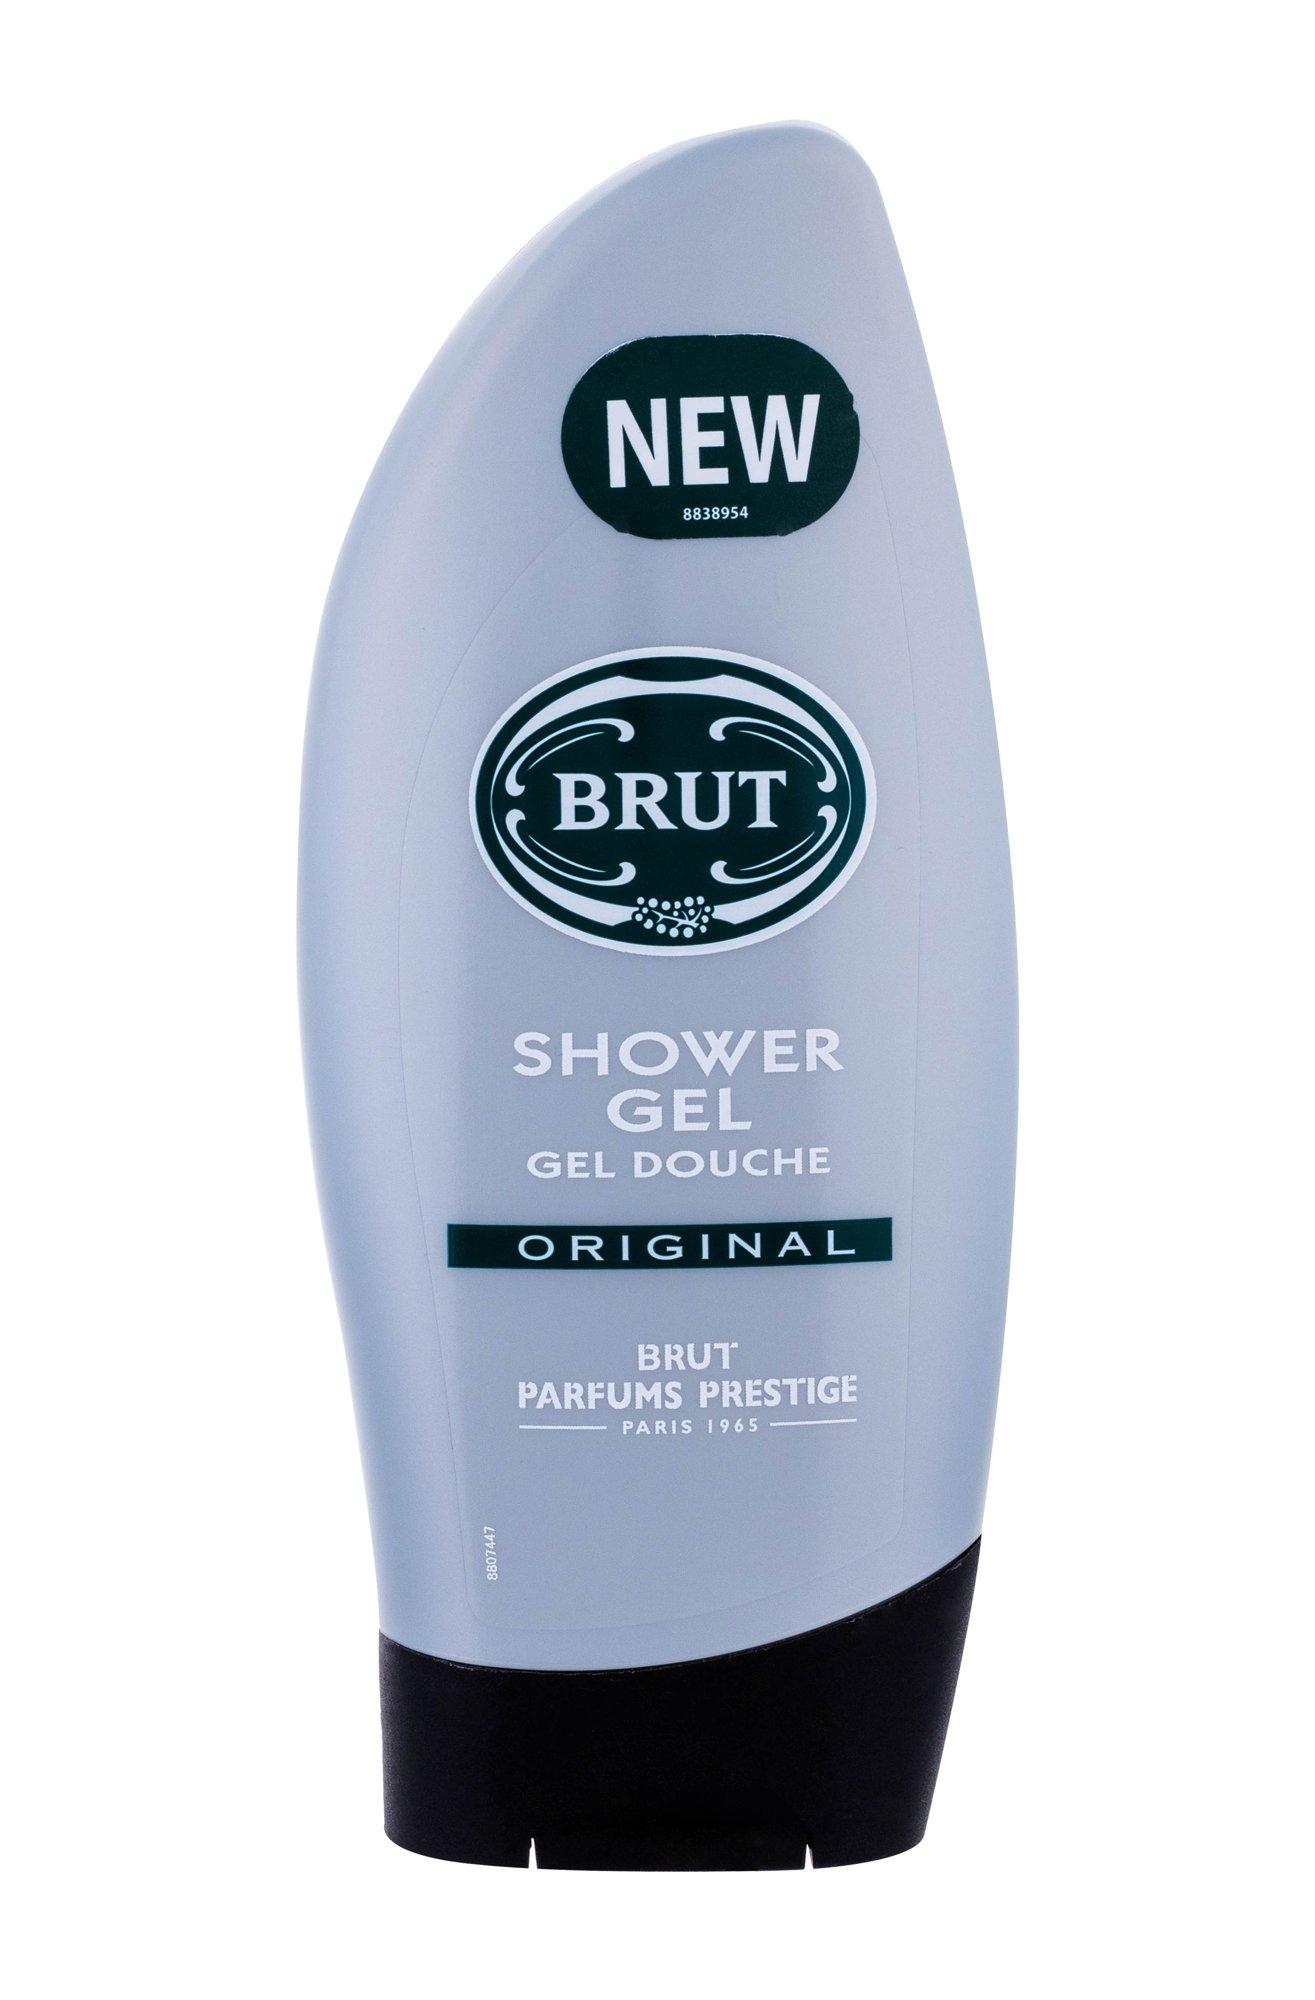 Brut Brut Original Shower Gel 250ml